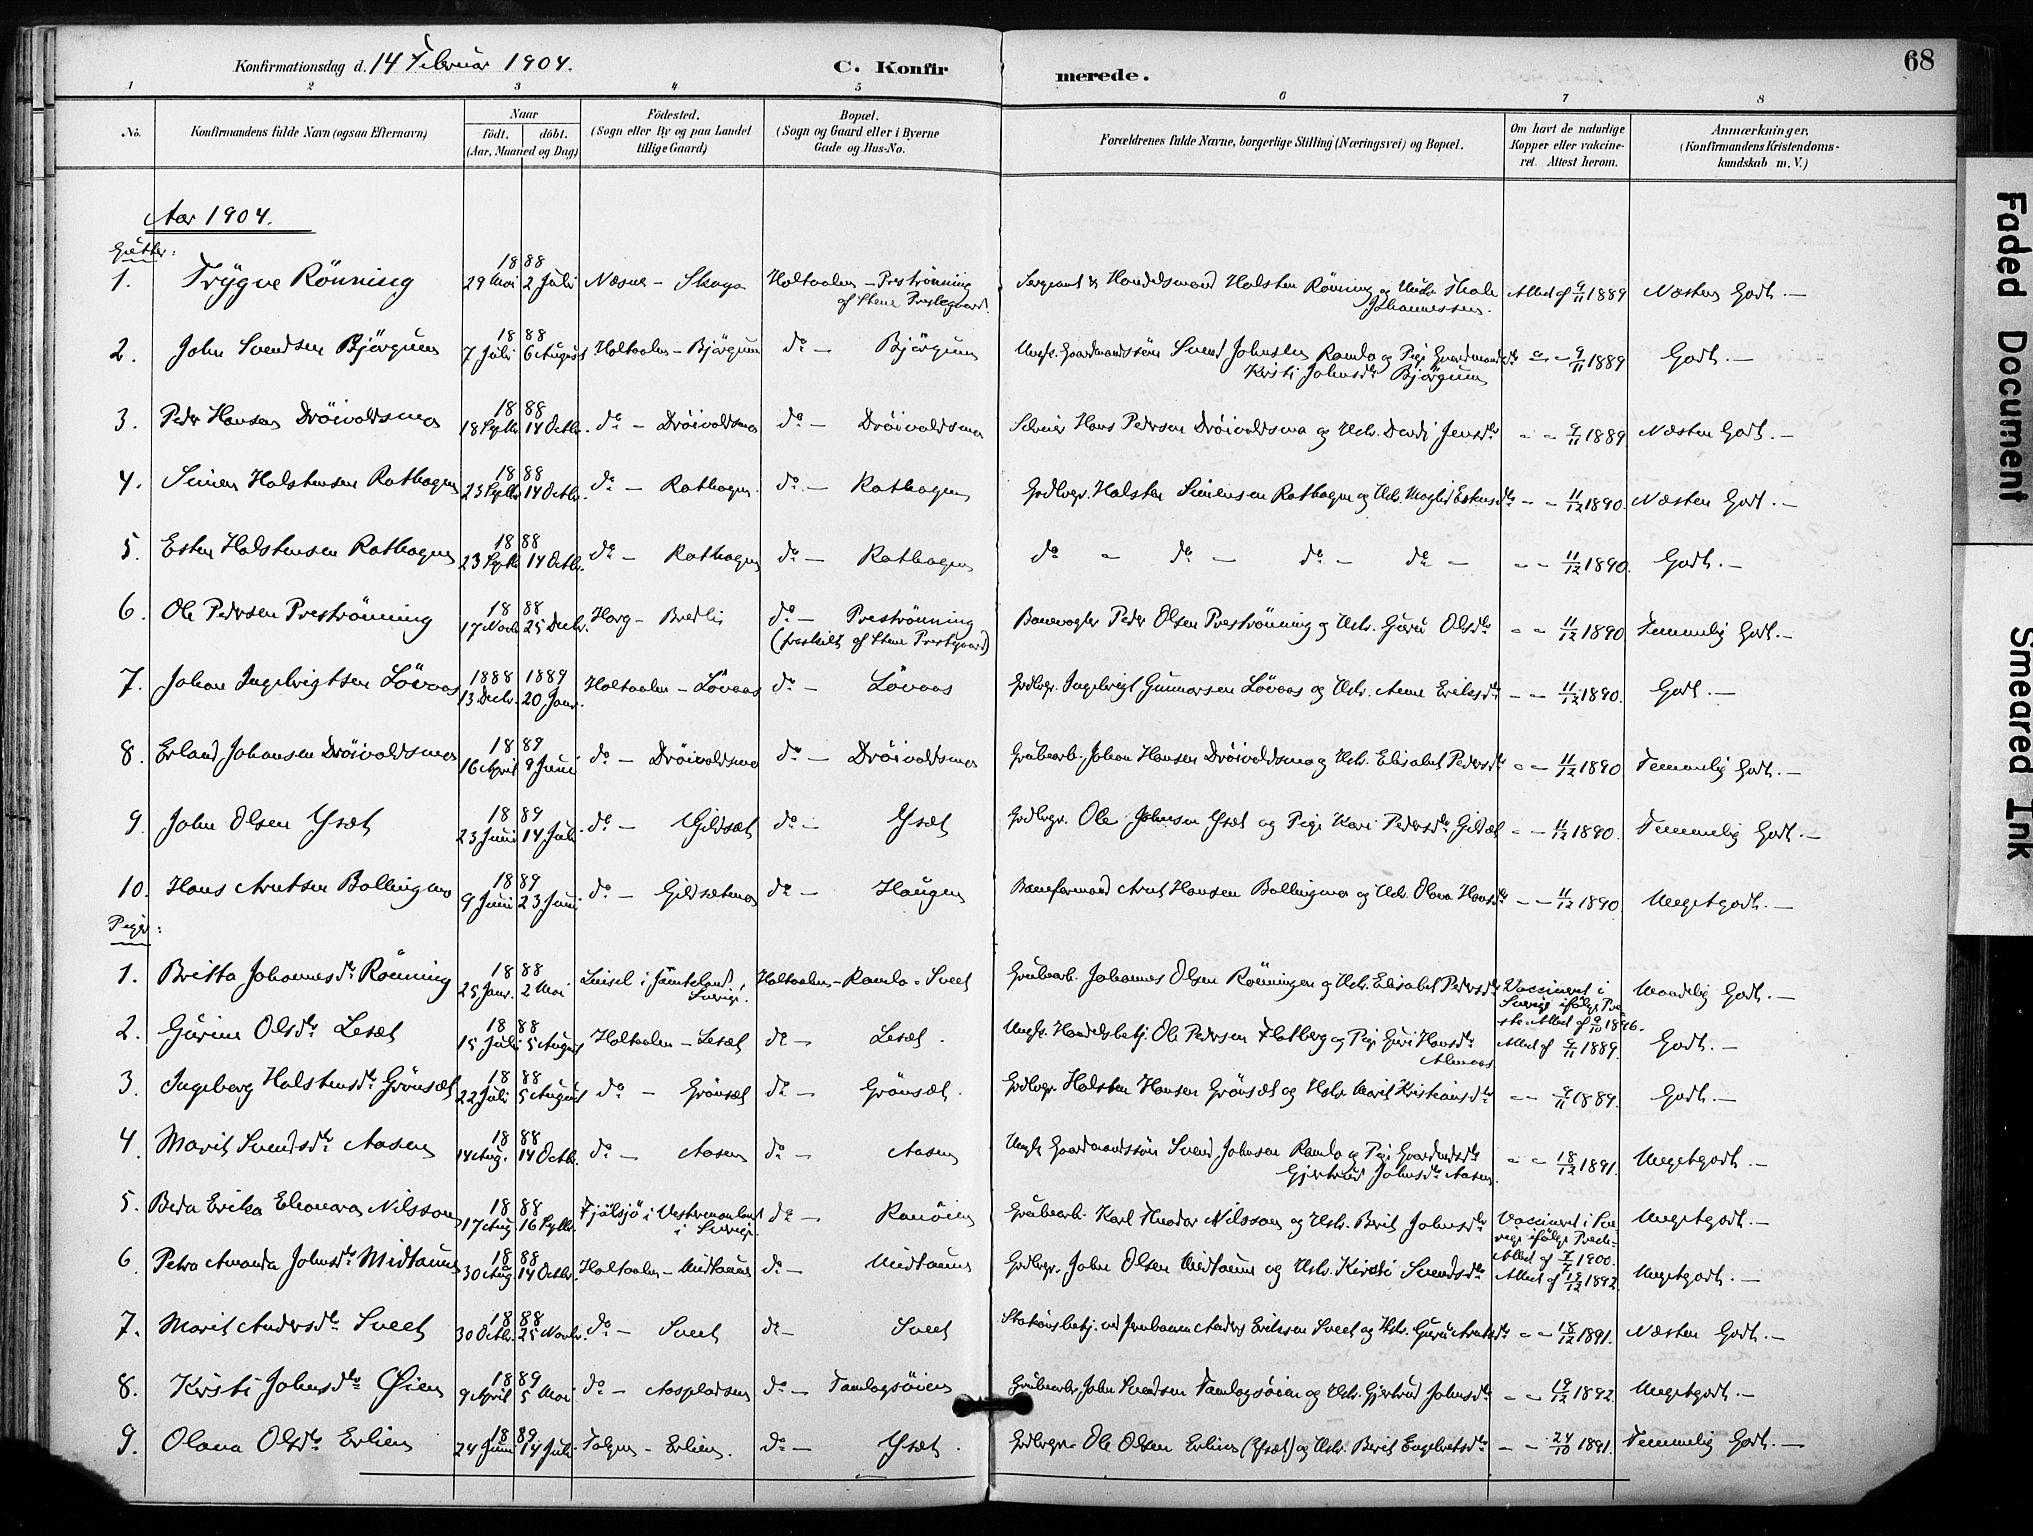 SAT, Ministerialprotokoller, klokkerbøker og fødselsregistre - Sør-Trøndelag, 685/L0973: Ministerialbok nr. 685A10, 1891-1907, s. 68